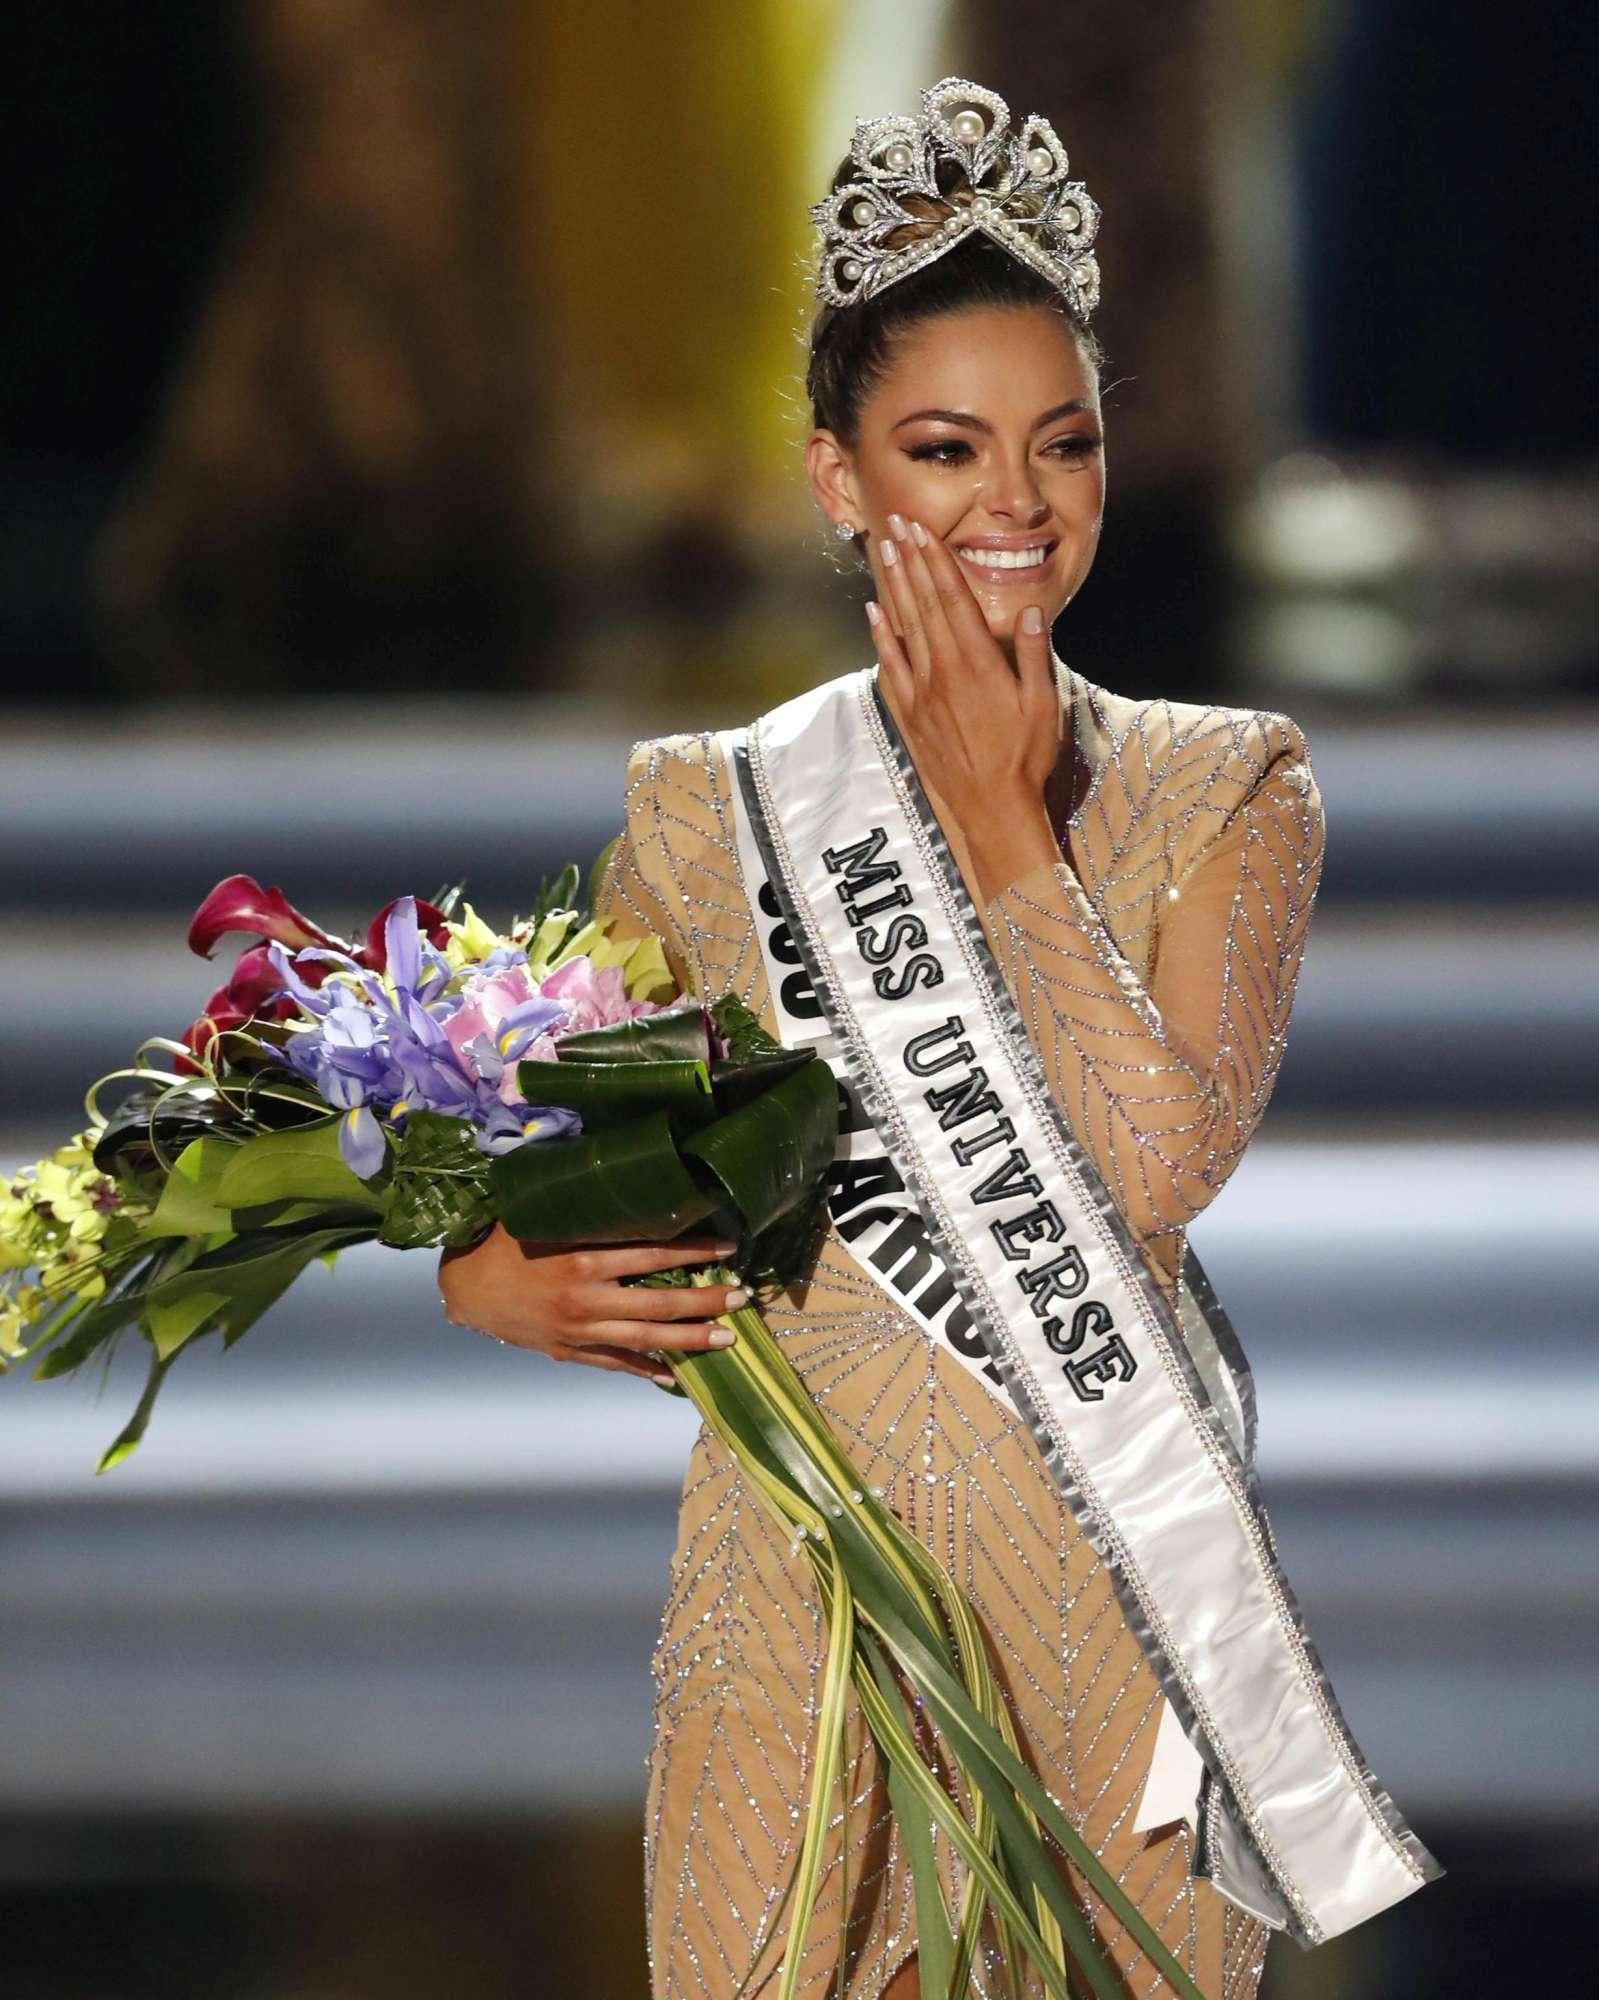 NÓNG: Vừa đăng quang, tân Hoa hậu Hoàn vũ Thế giới bị thu hồi vương miện cấp quốc gia-2